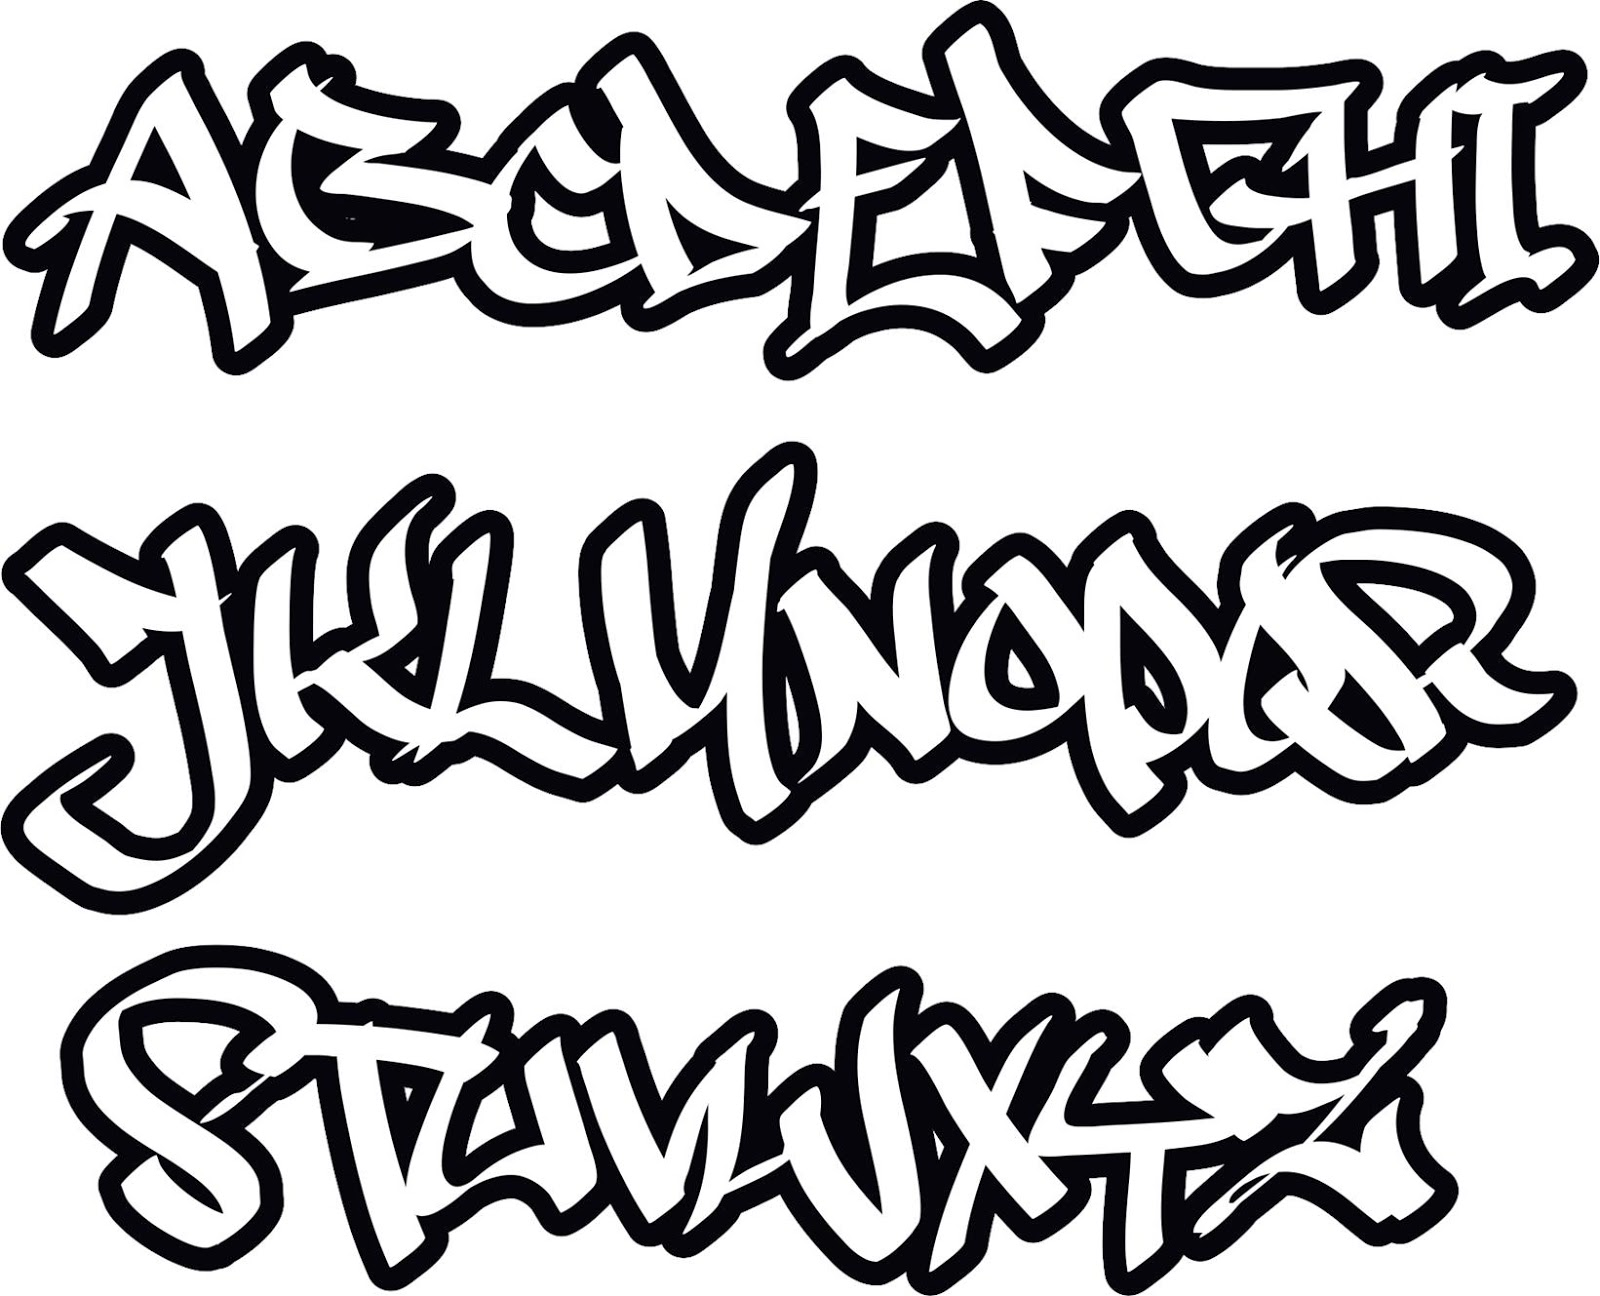 Das Beste Graffiti-Buchstaben ABC | Graffiti Schrift ...